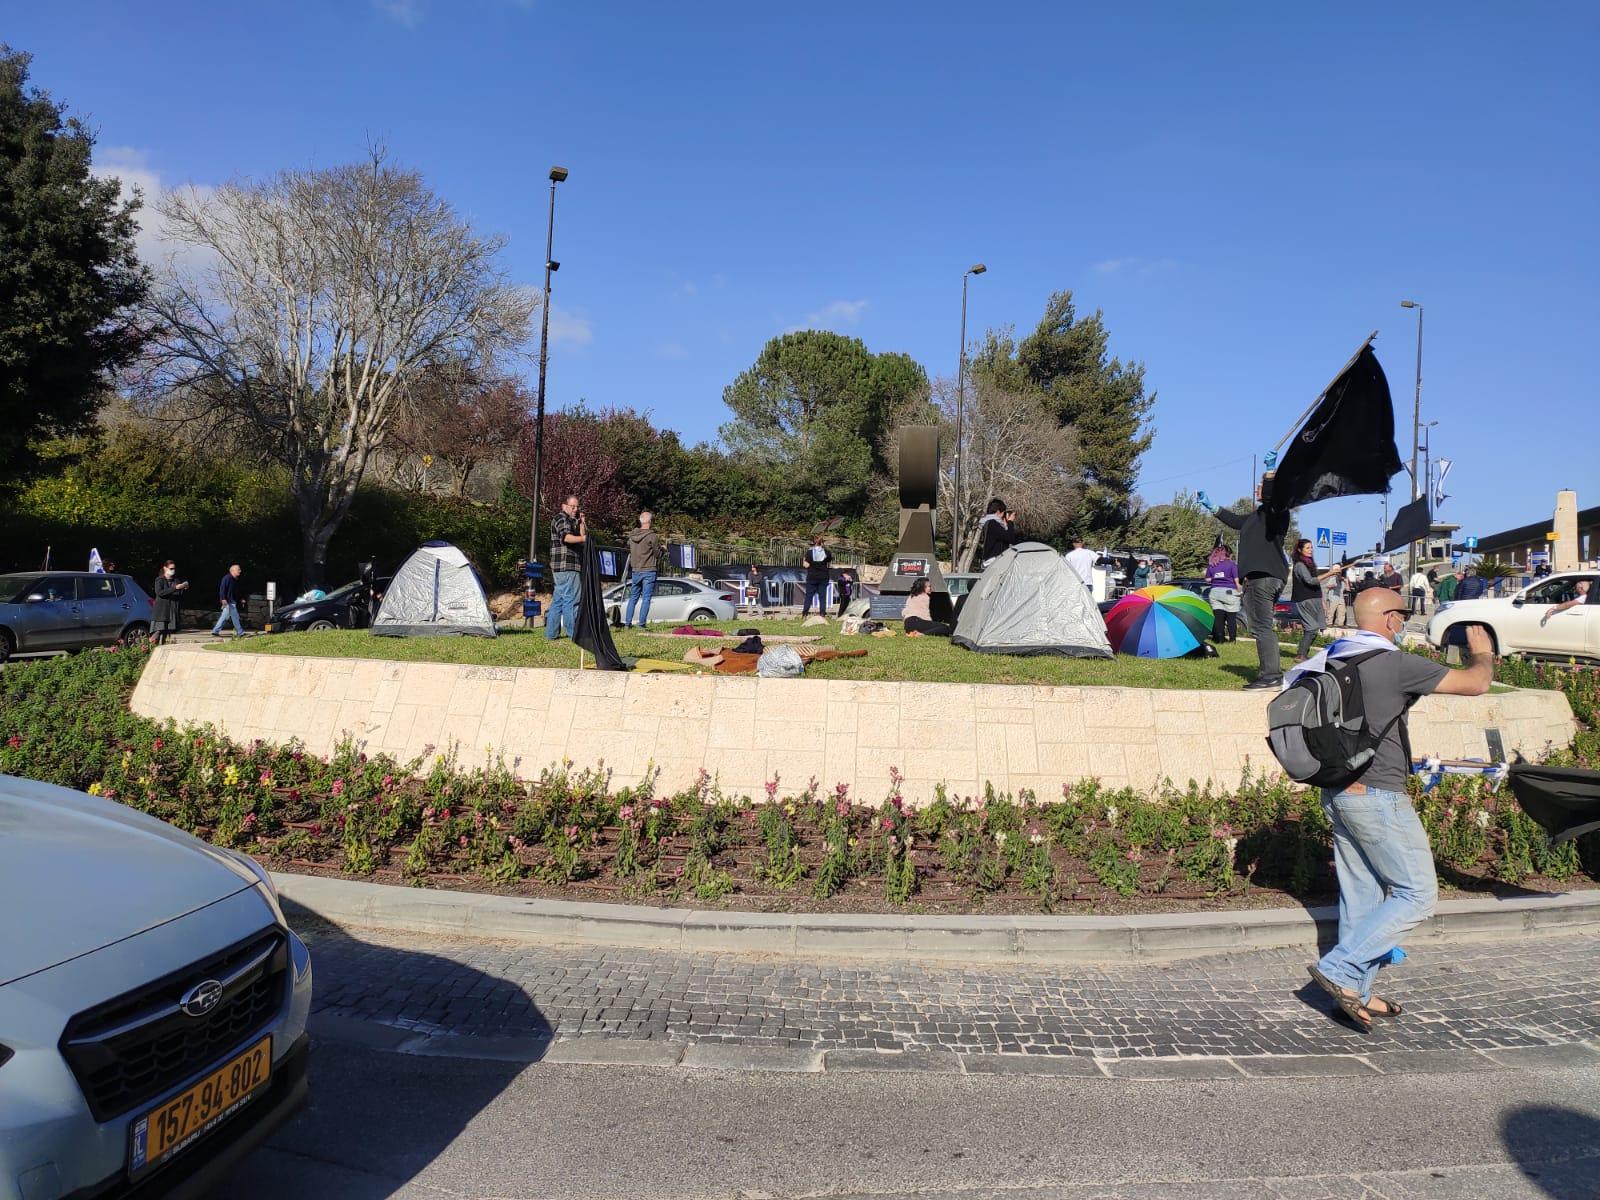 איפה דפני ליף? אוהלים ראשונים במחאת הדגל השחור בכנסת (צילום: אבי בוזגלו)